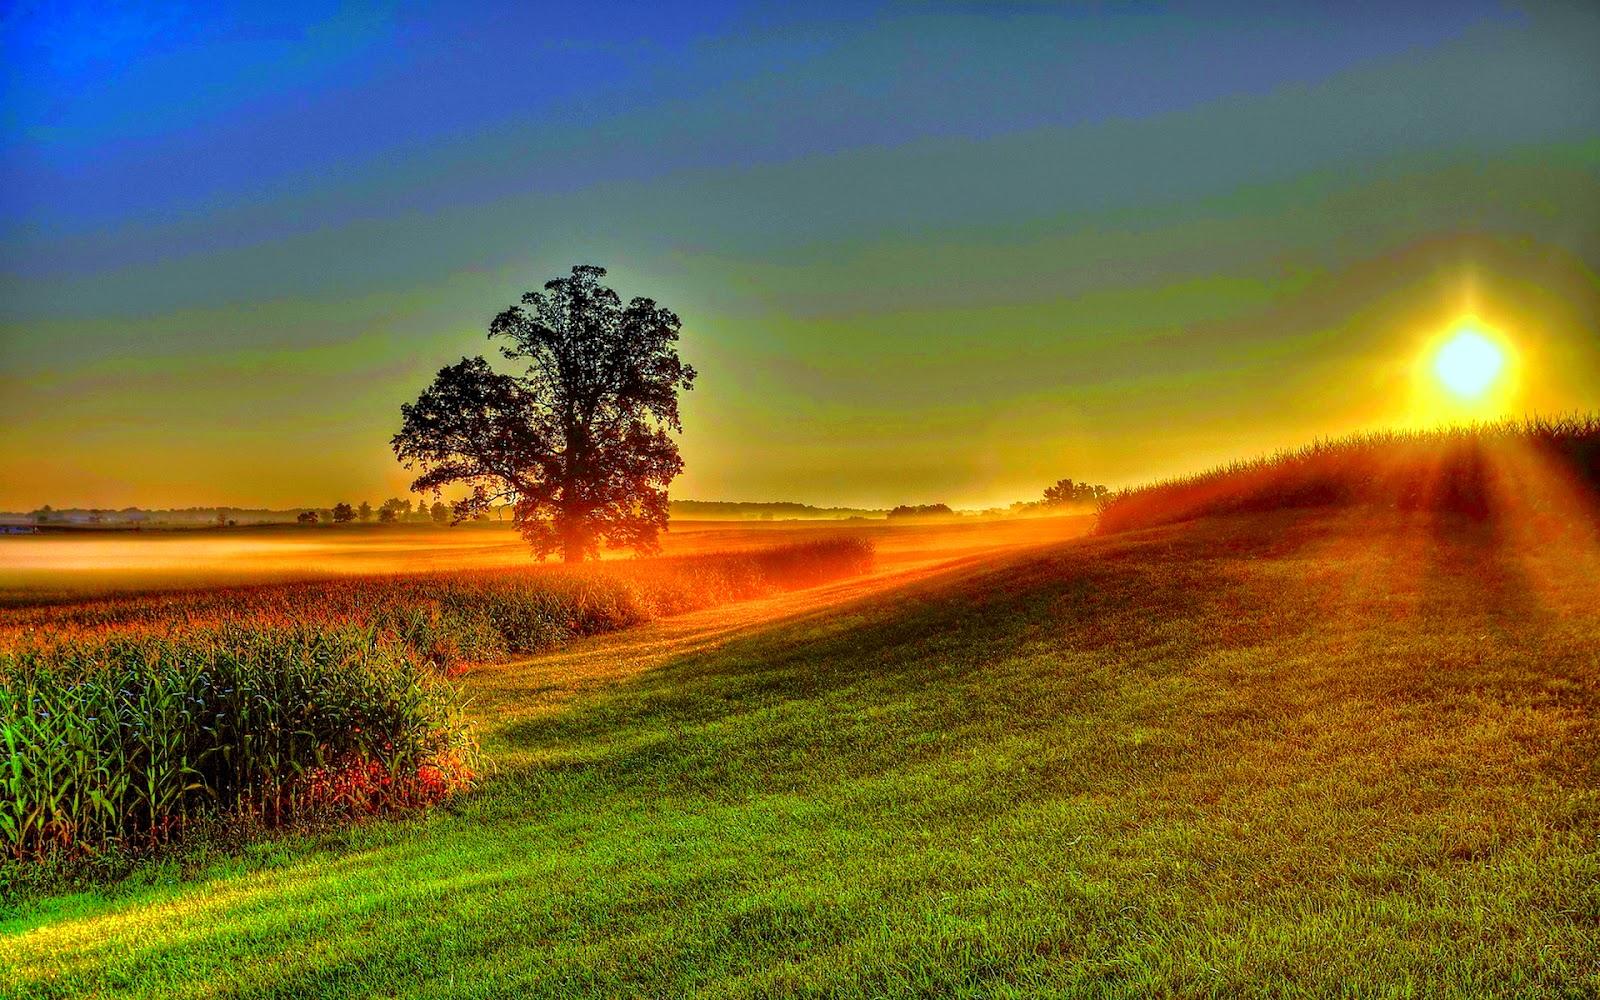 Dawn image picture